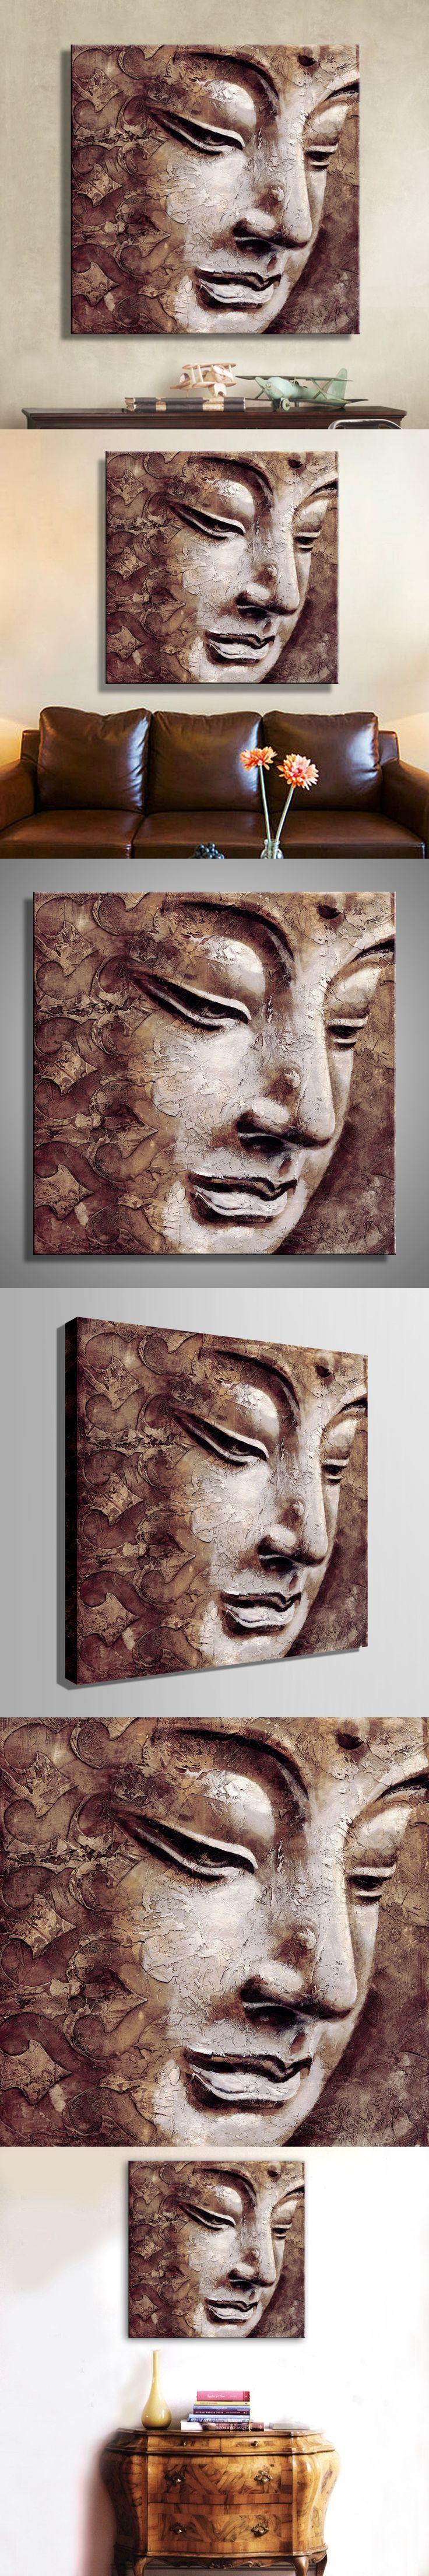 Best 25+ Buddha Wall Art Ideas On Pinterest | Buddha Art, Buddha Inside Buddha Wooden Wall Art (Image 3 of 20)